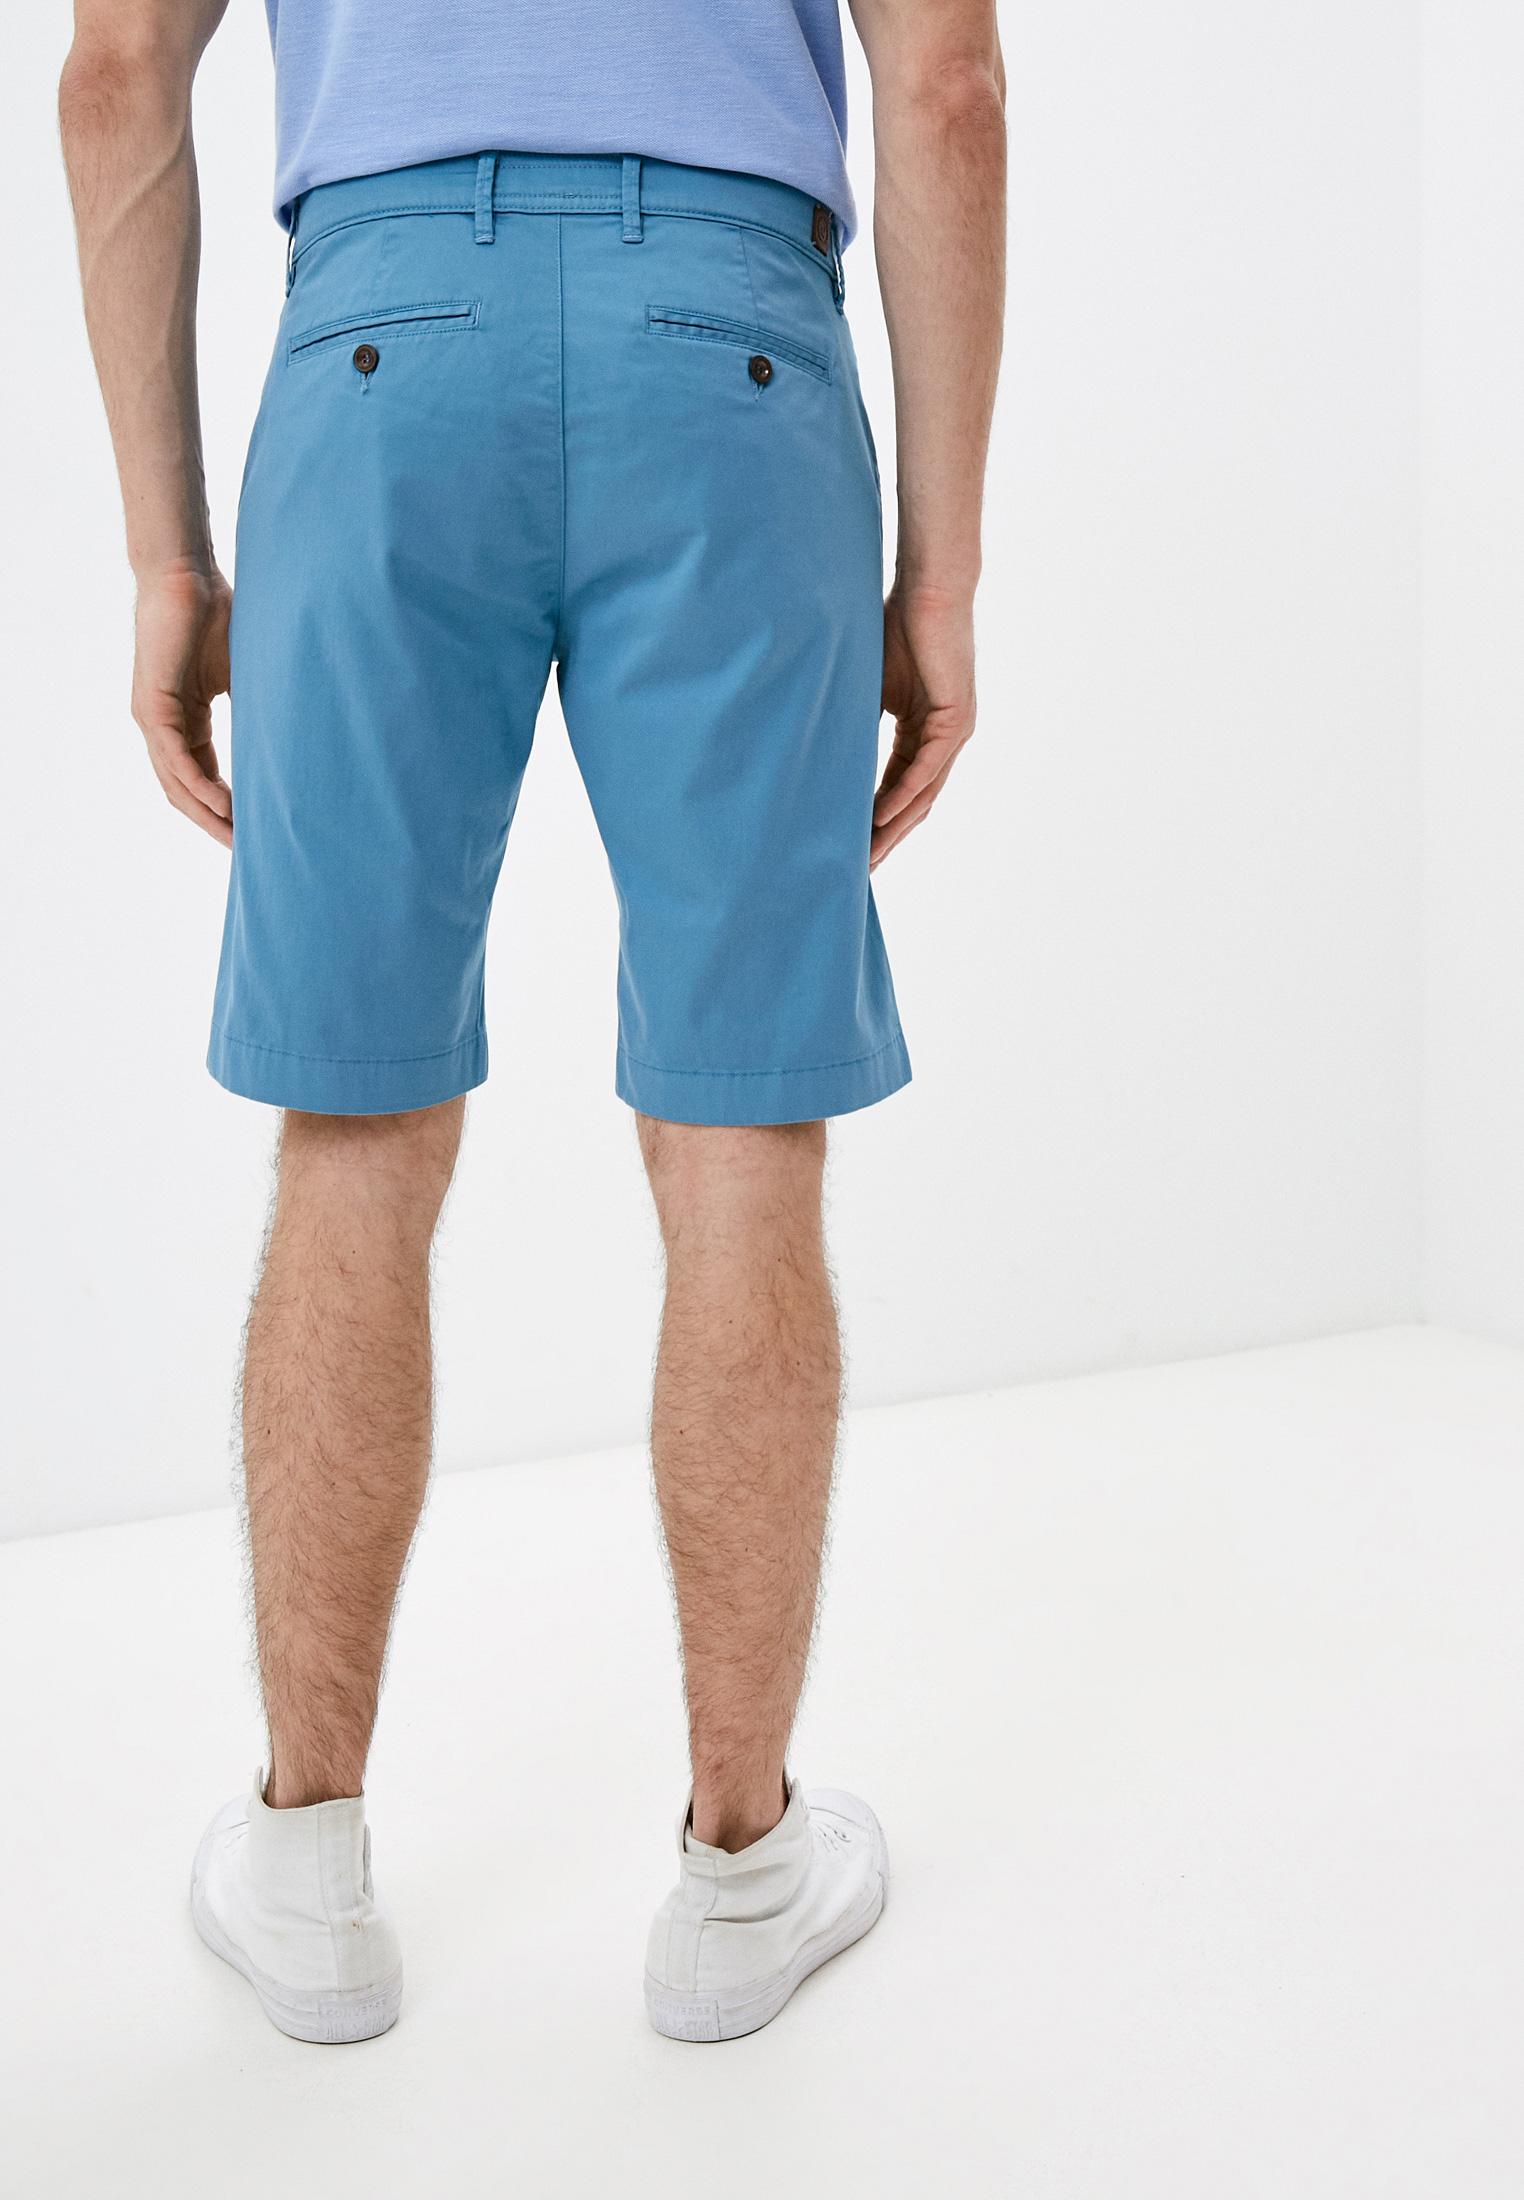 Мужские повседневные шорты Pierre Cardin (Пьер Кардин) 03465/000/02080/66: изображение 3